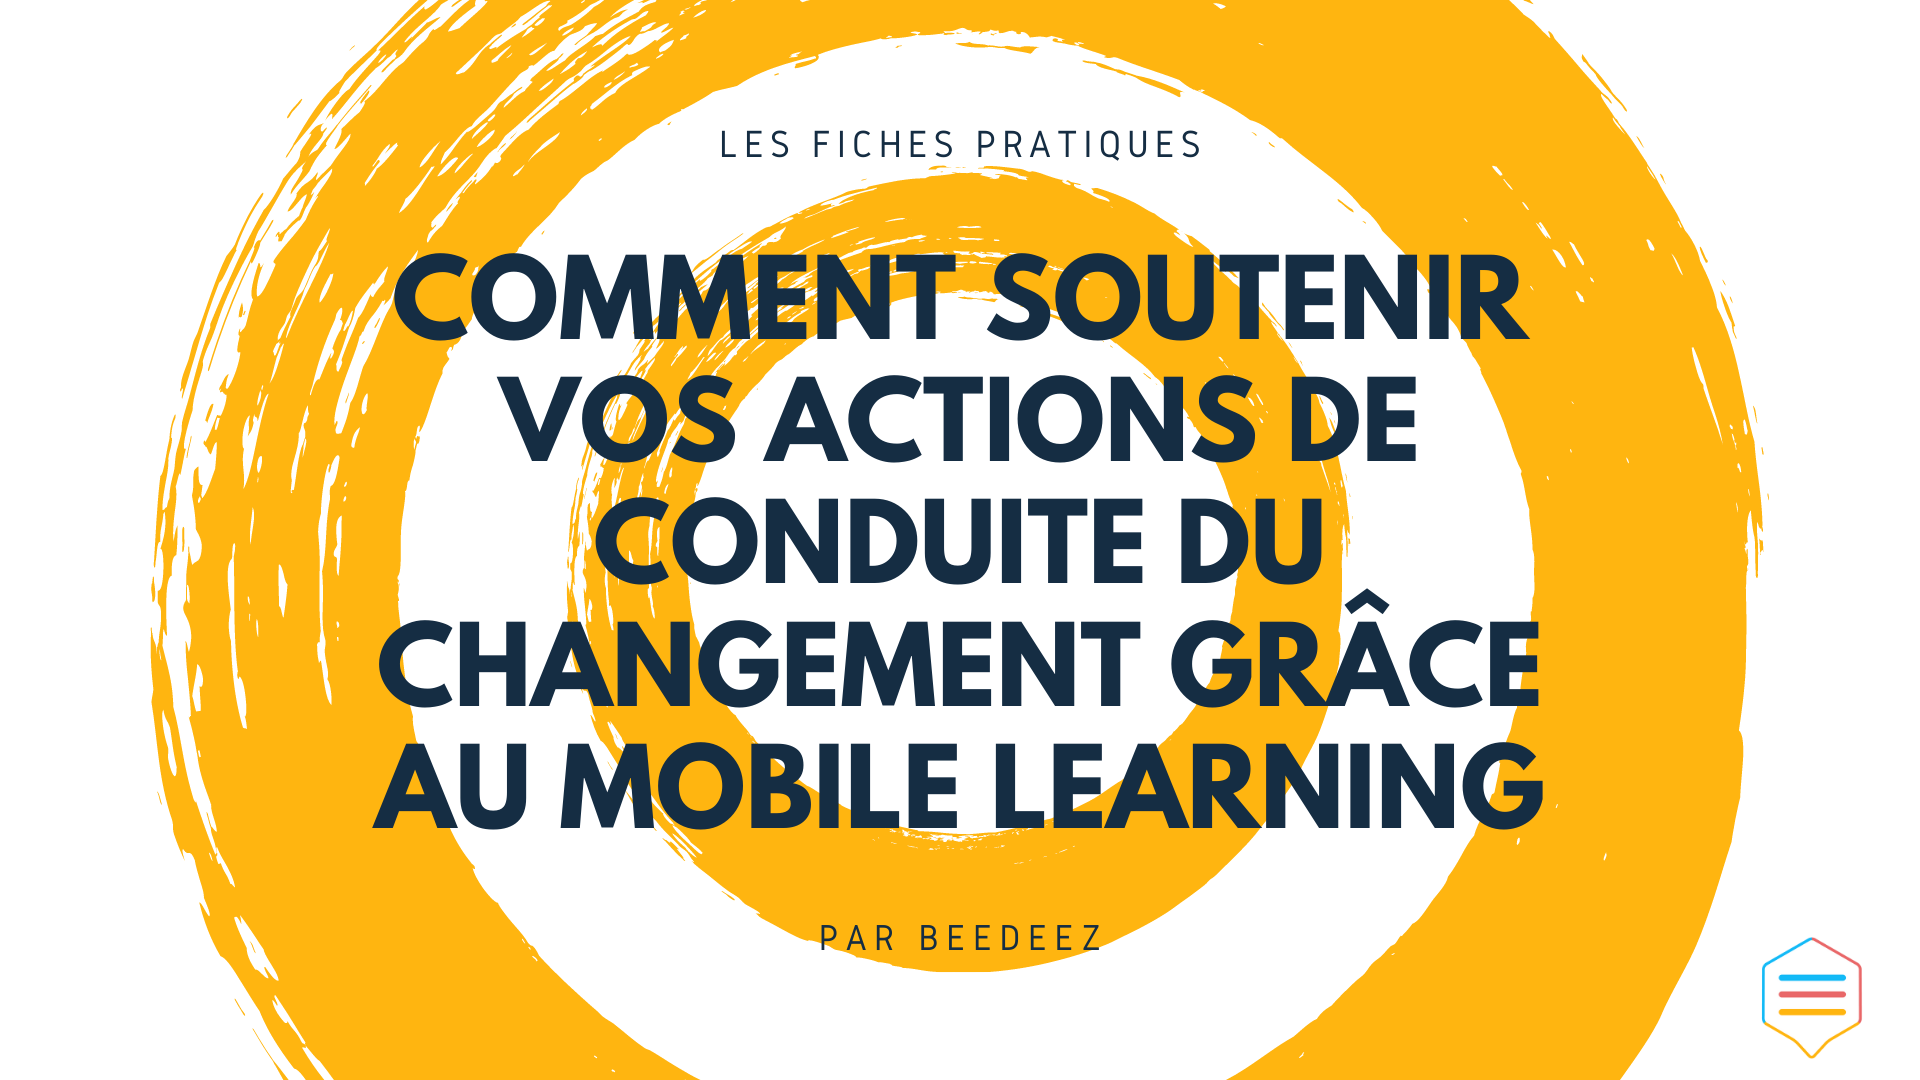 Comment soutenir vos actions de conduite du changement grâce au mobile learning